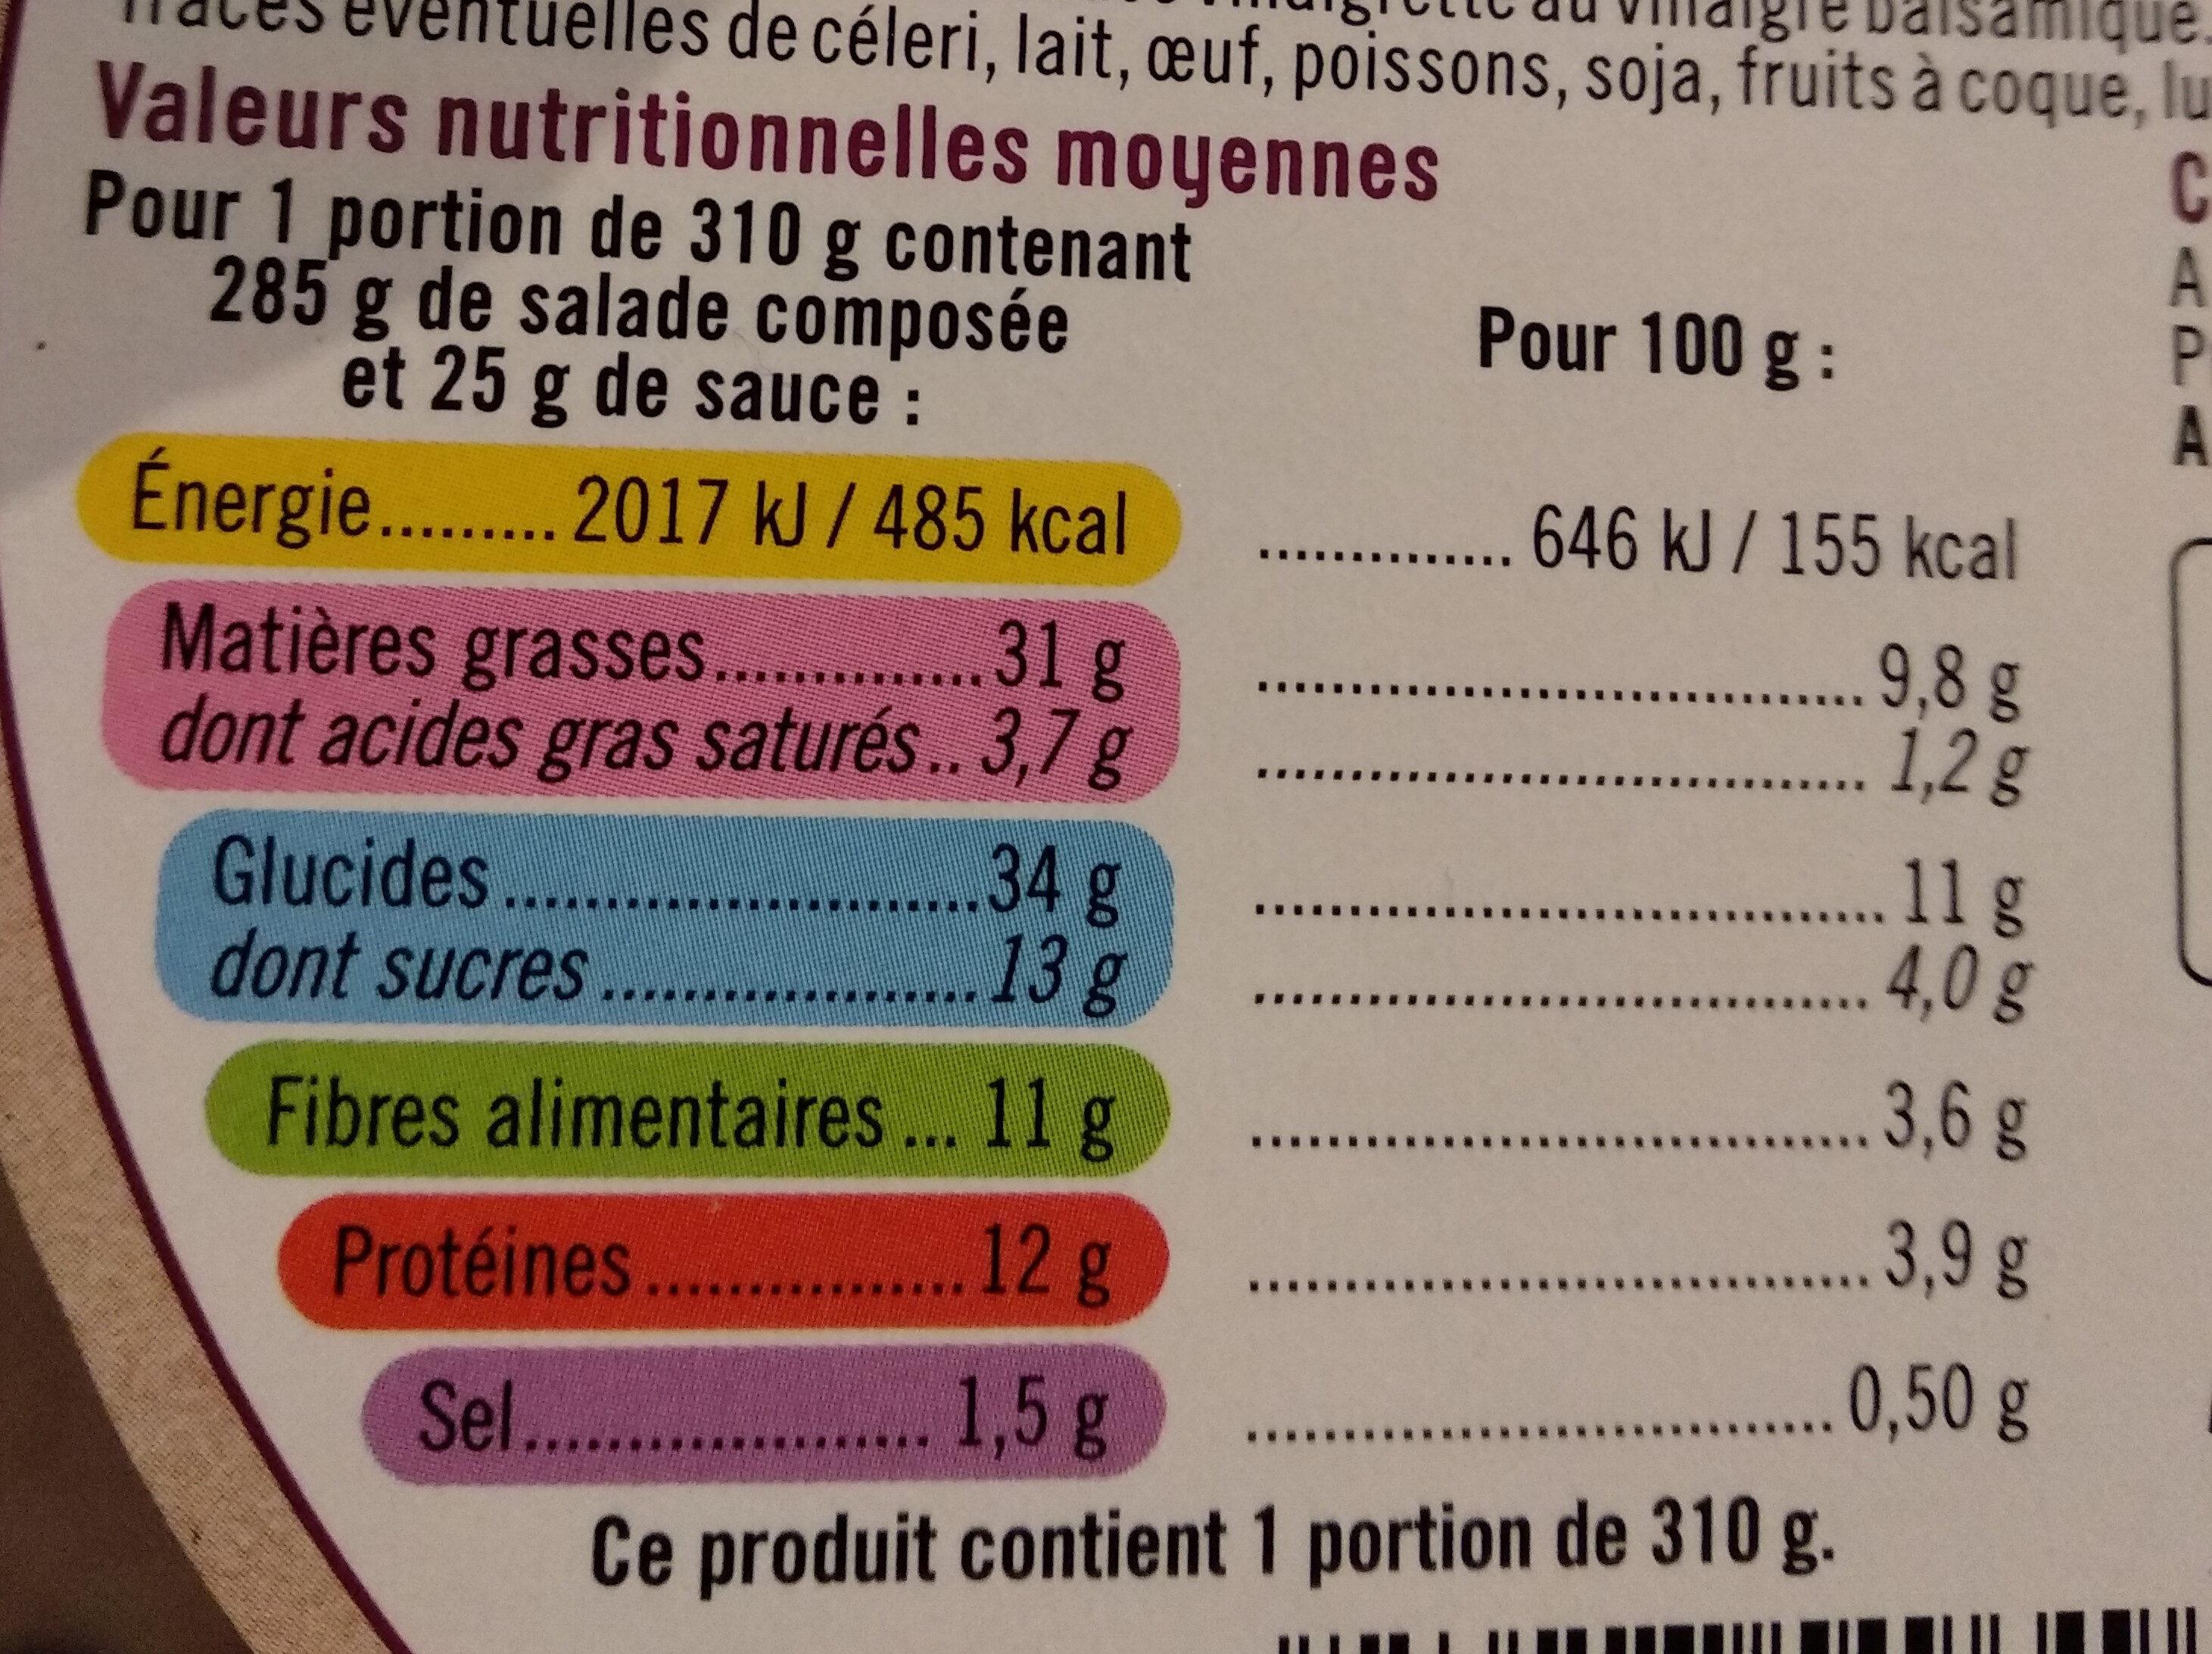 Buddha bowl falafels composé de légumes, salades verte et rouge, une préparation à base de pois chiche, fèves et coriandre, semoule de couscous réhydratée - Nutrition facts - fr